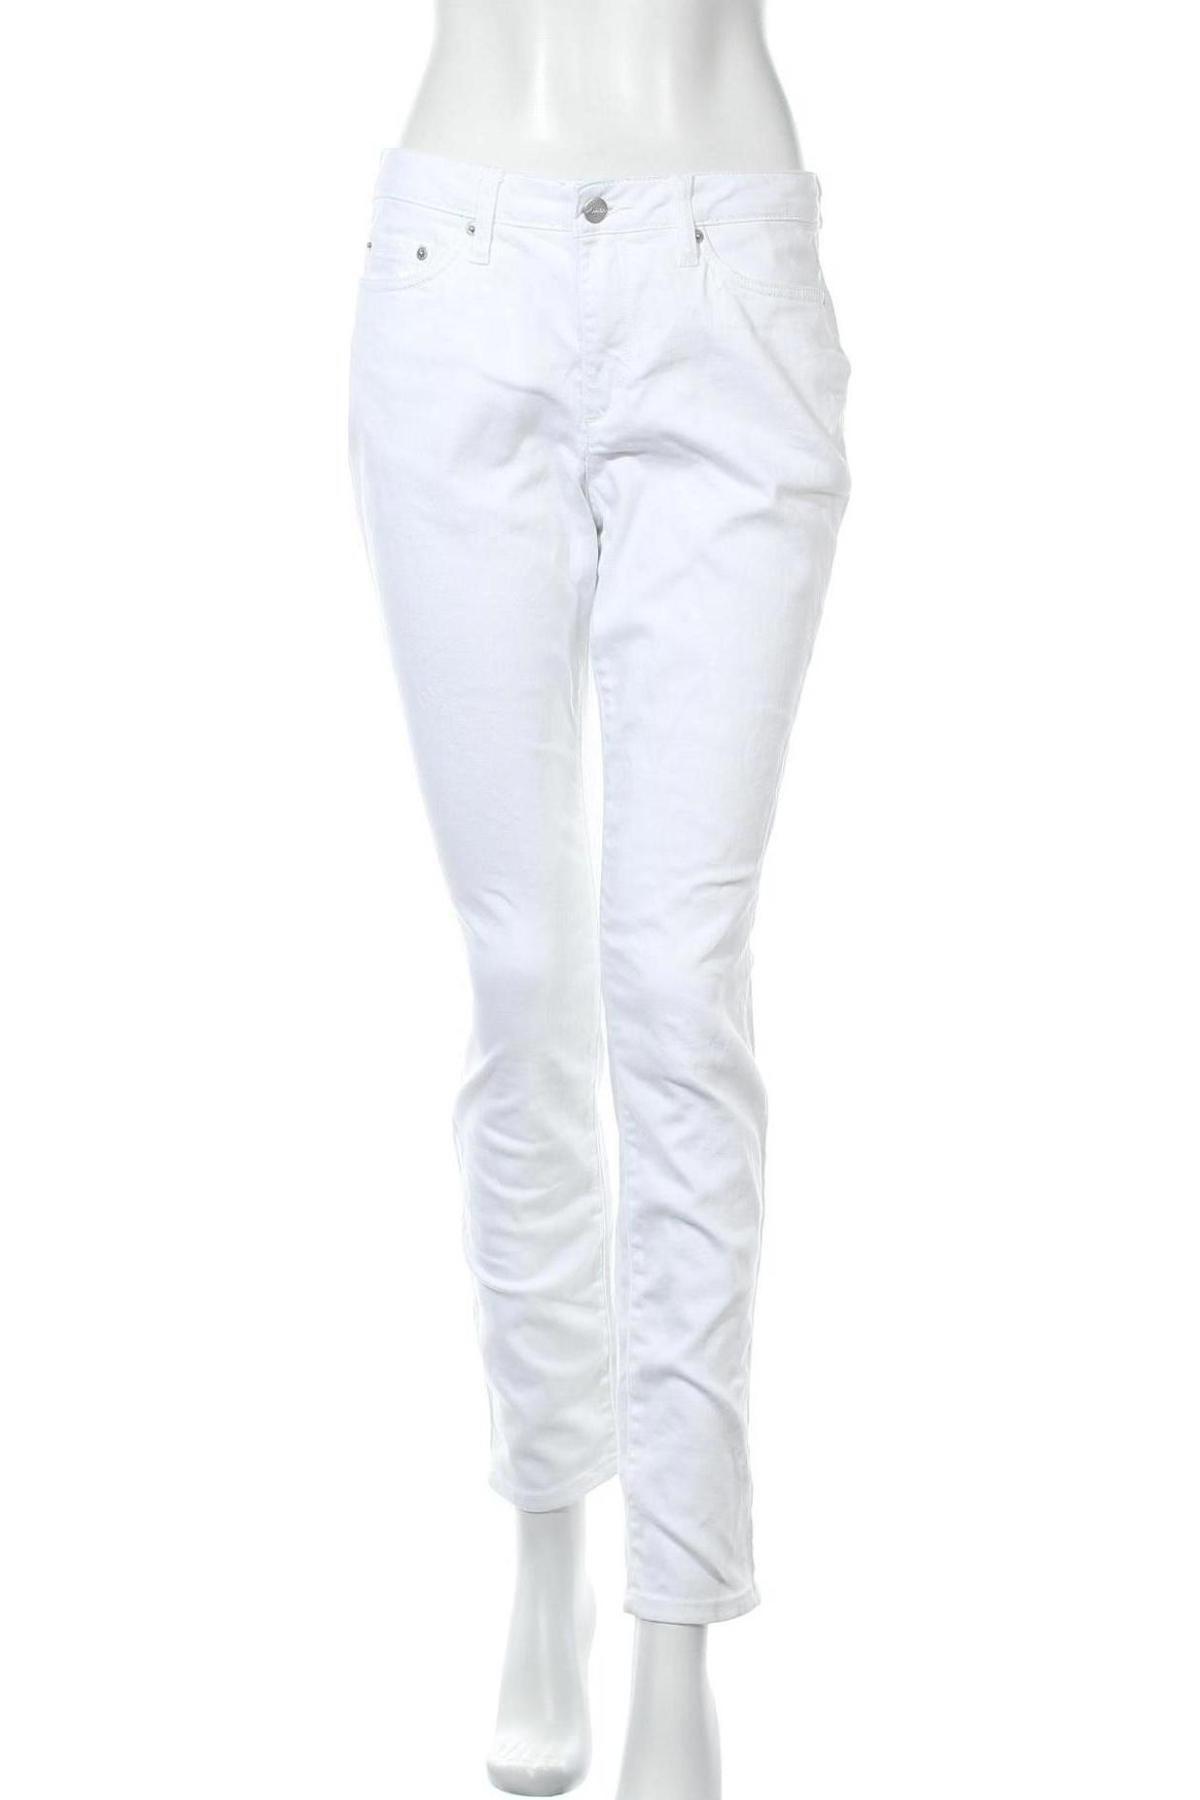 Дамски дънки Aniston, Размер M, Цвят Бял, 98% памук, 2% еластан, Цена 26,66лв.